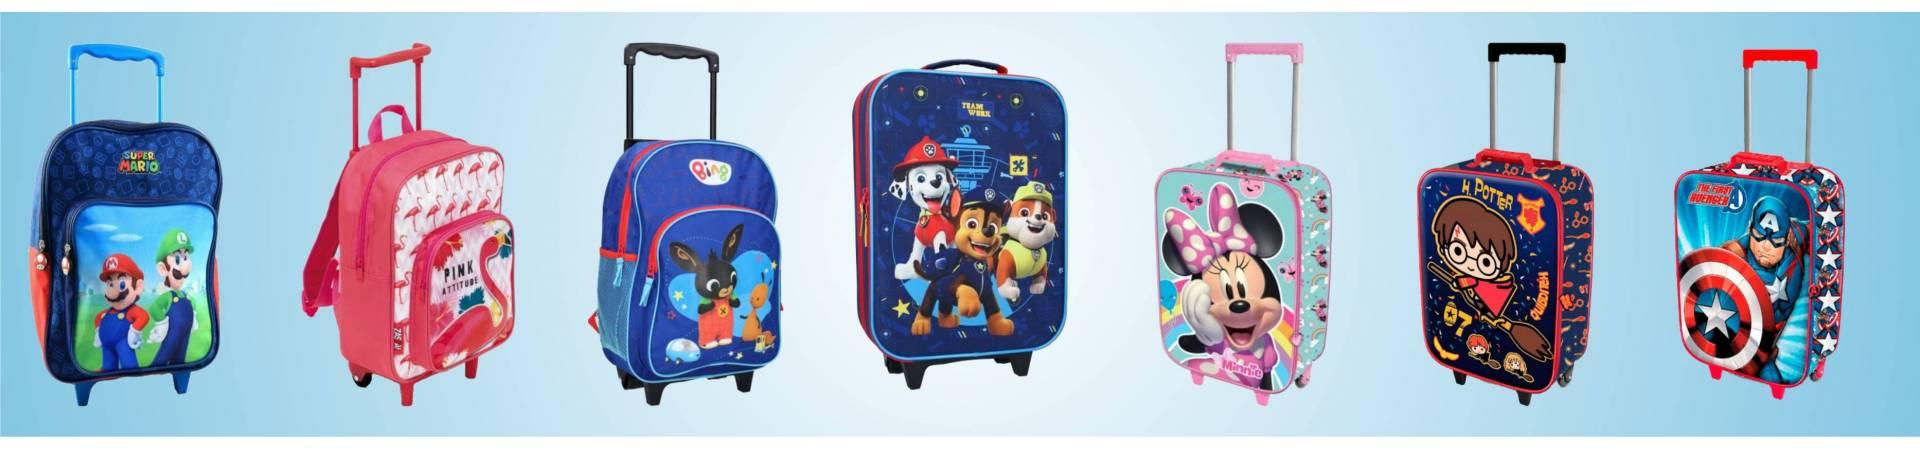 Gurulós bőröndök